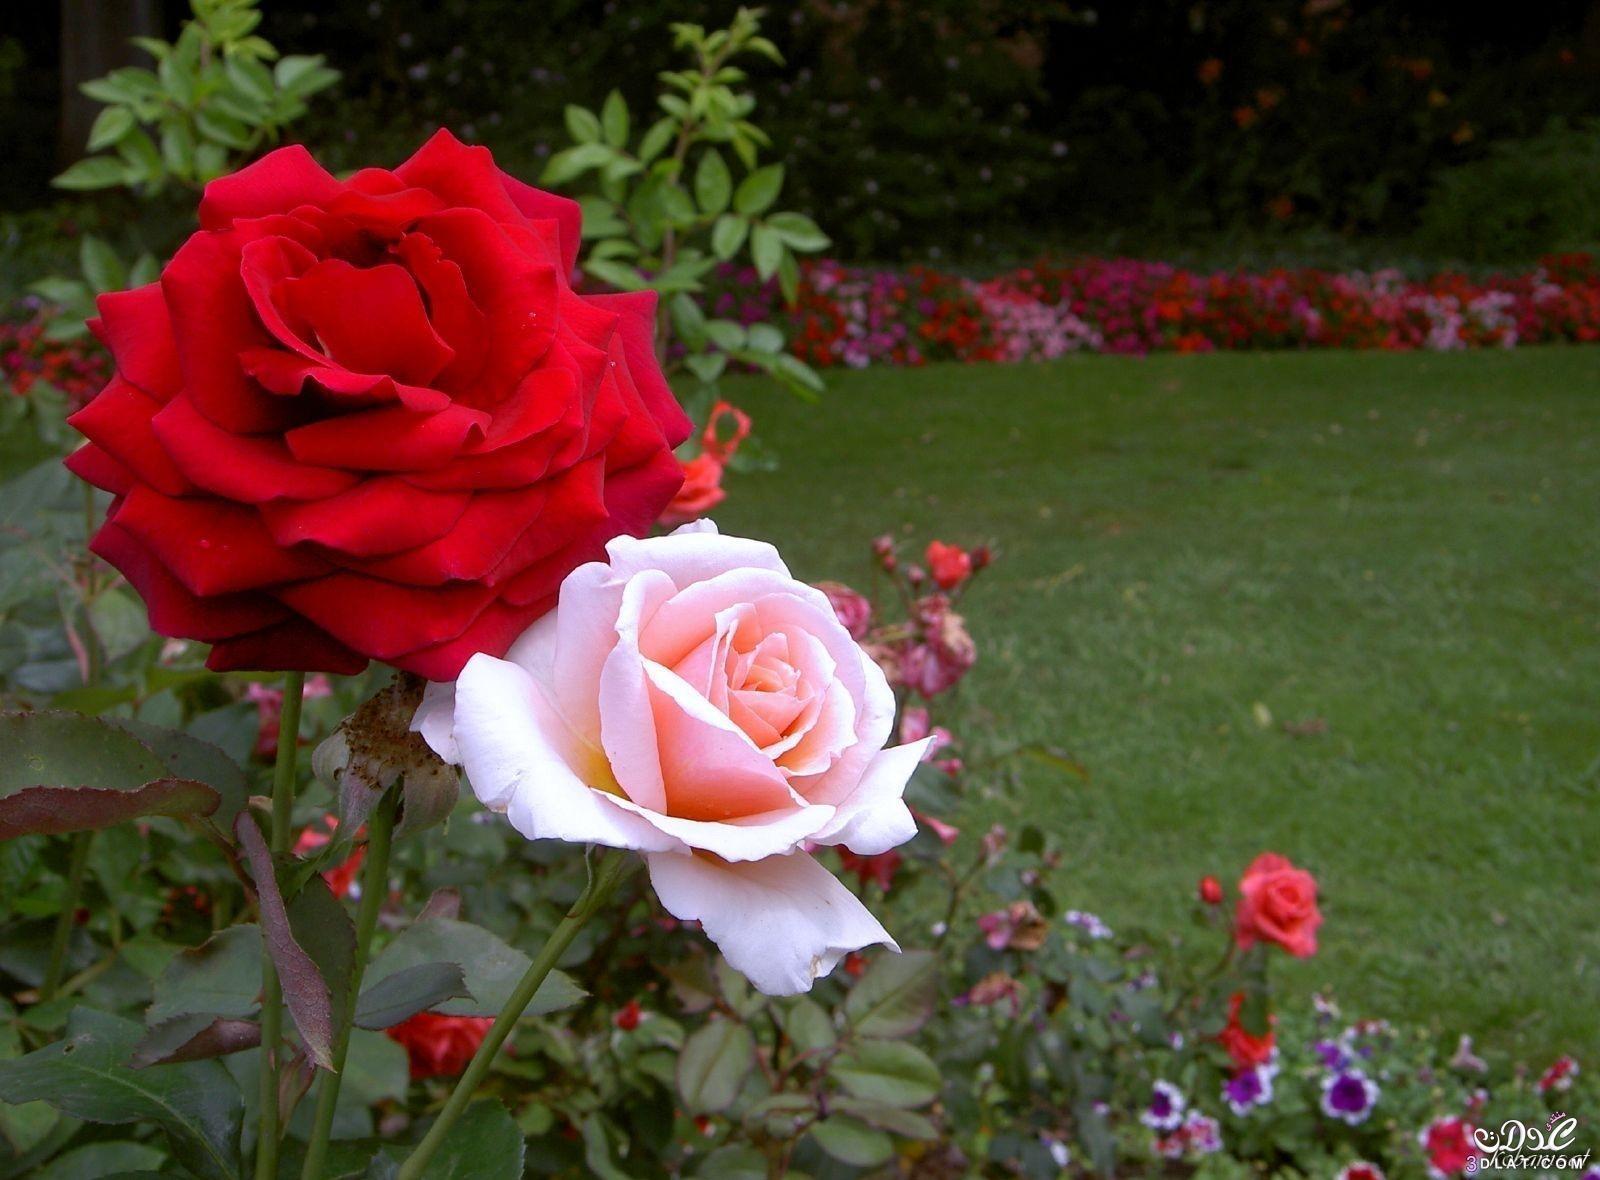 بالصور صور زهور جميلة , افضل الصور للزهور الجميلة 4708 9